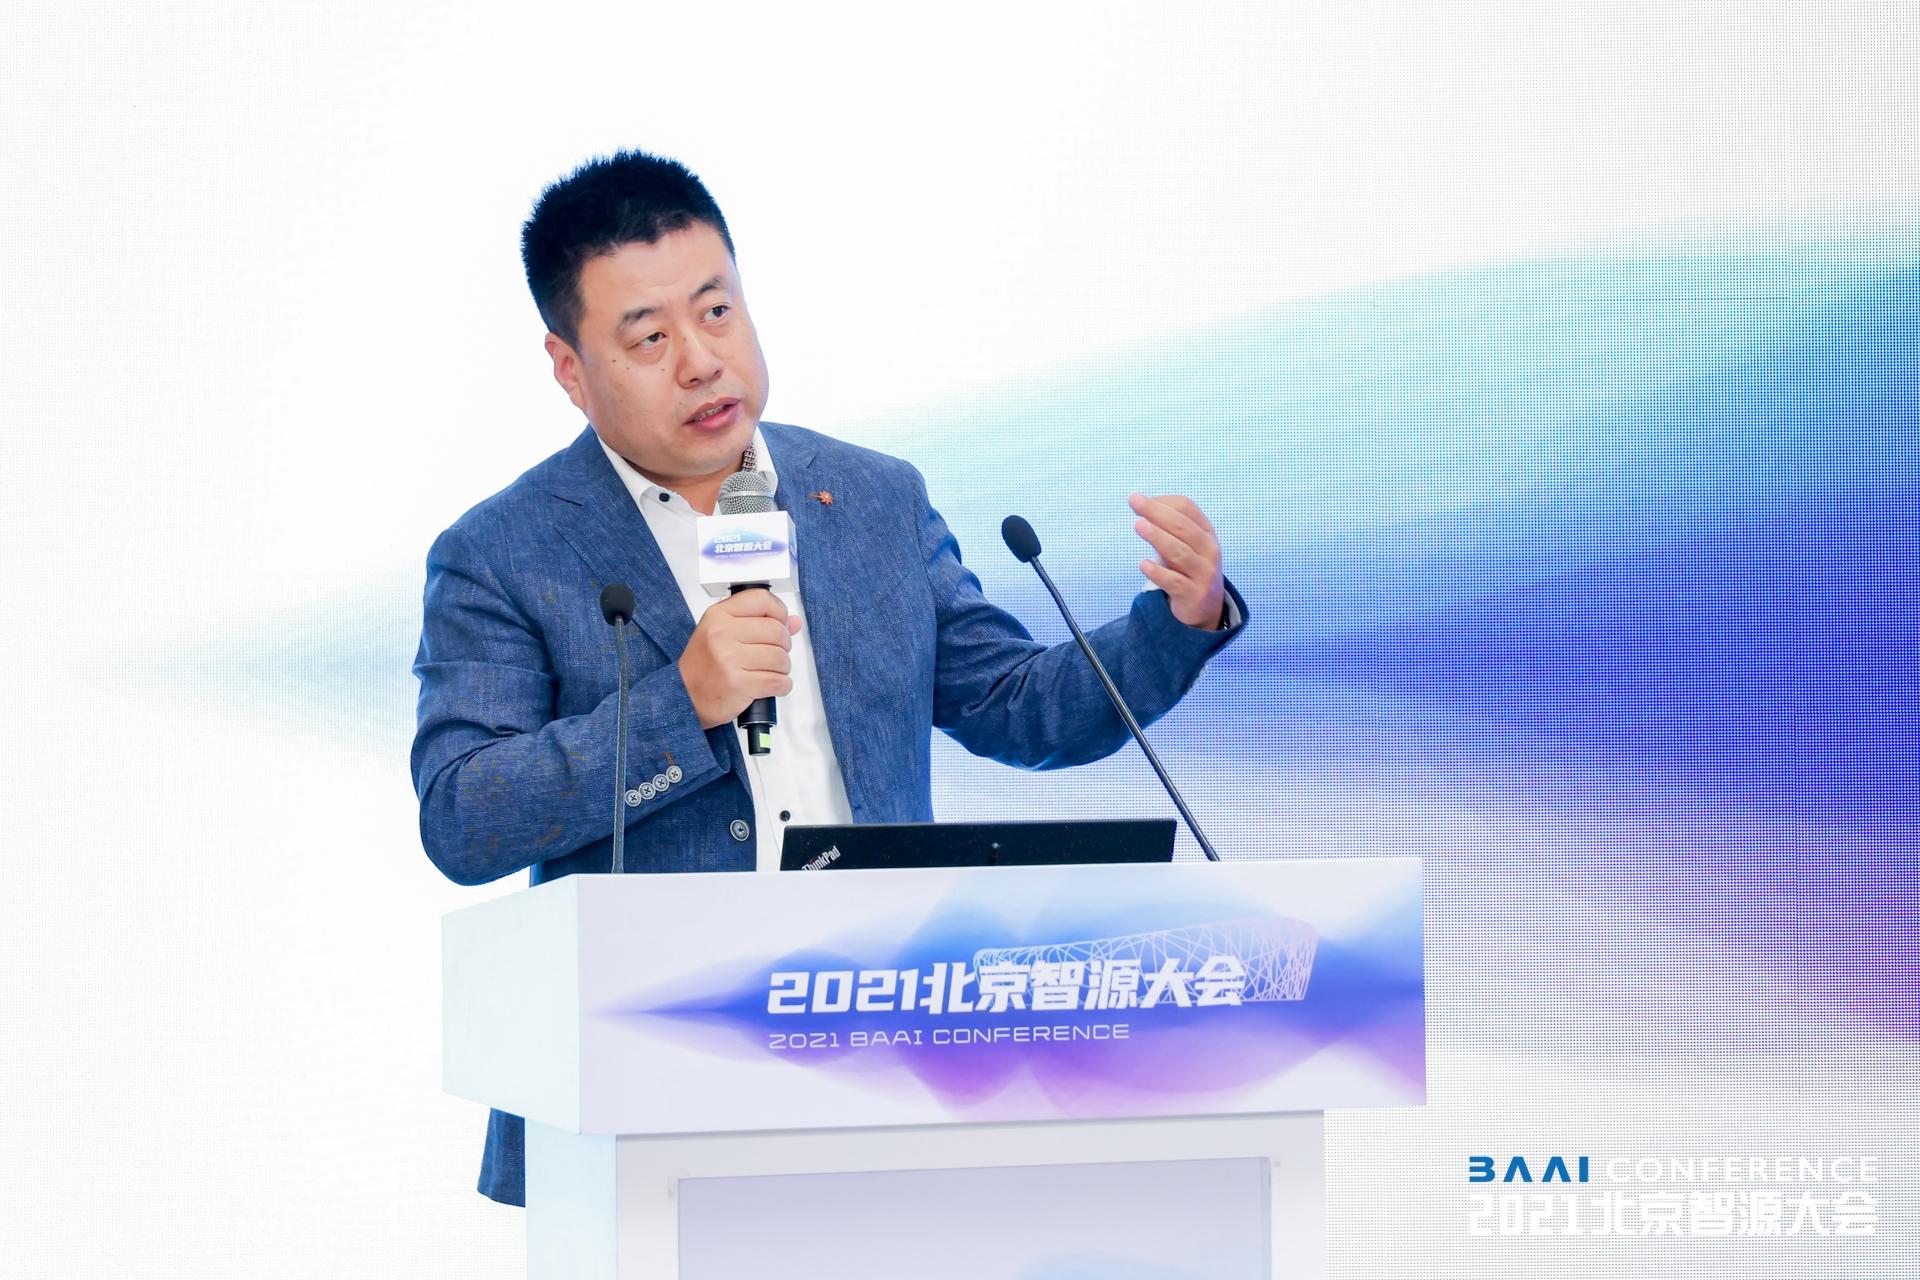 智谱CEO王绍兰。本文图片均为受访者提供